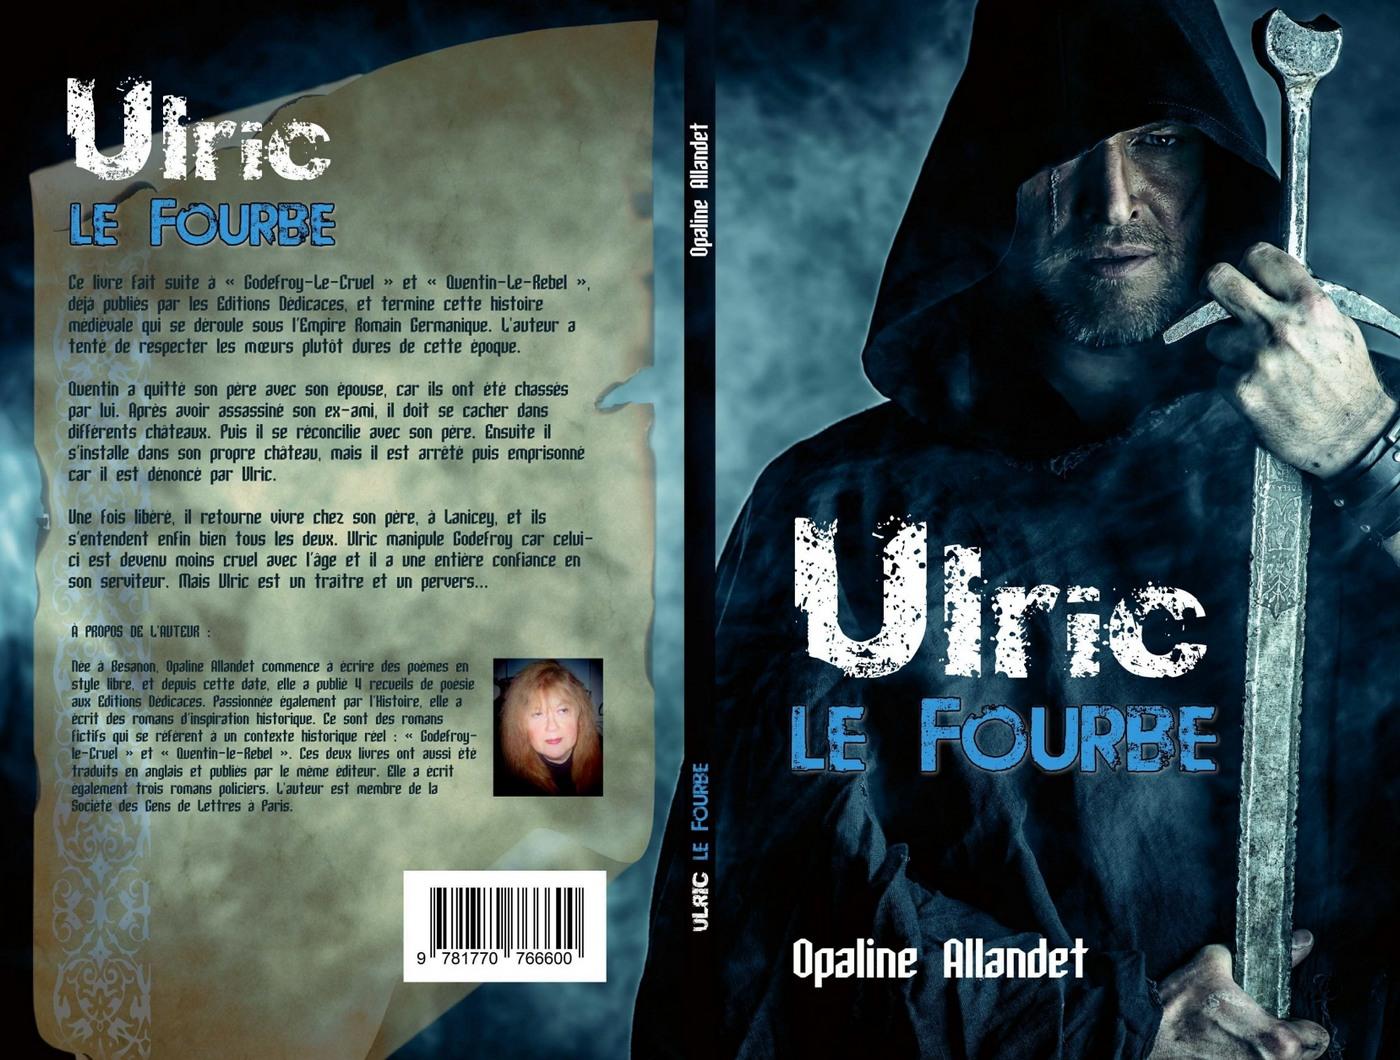 Ulric-le-Fourbe, par Opaline Allandet